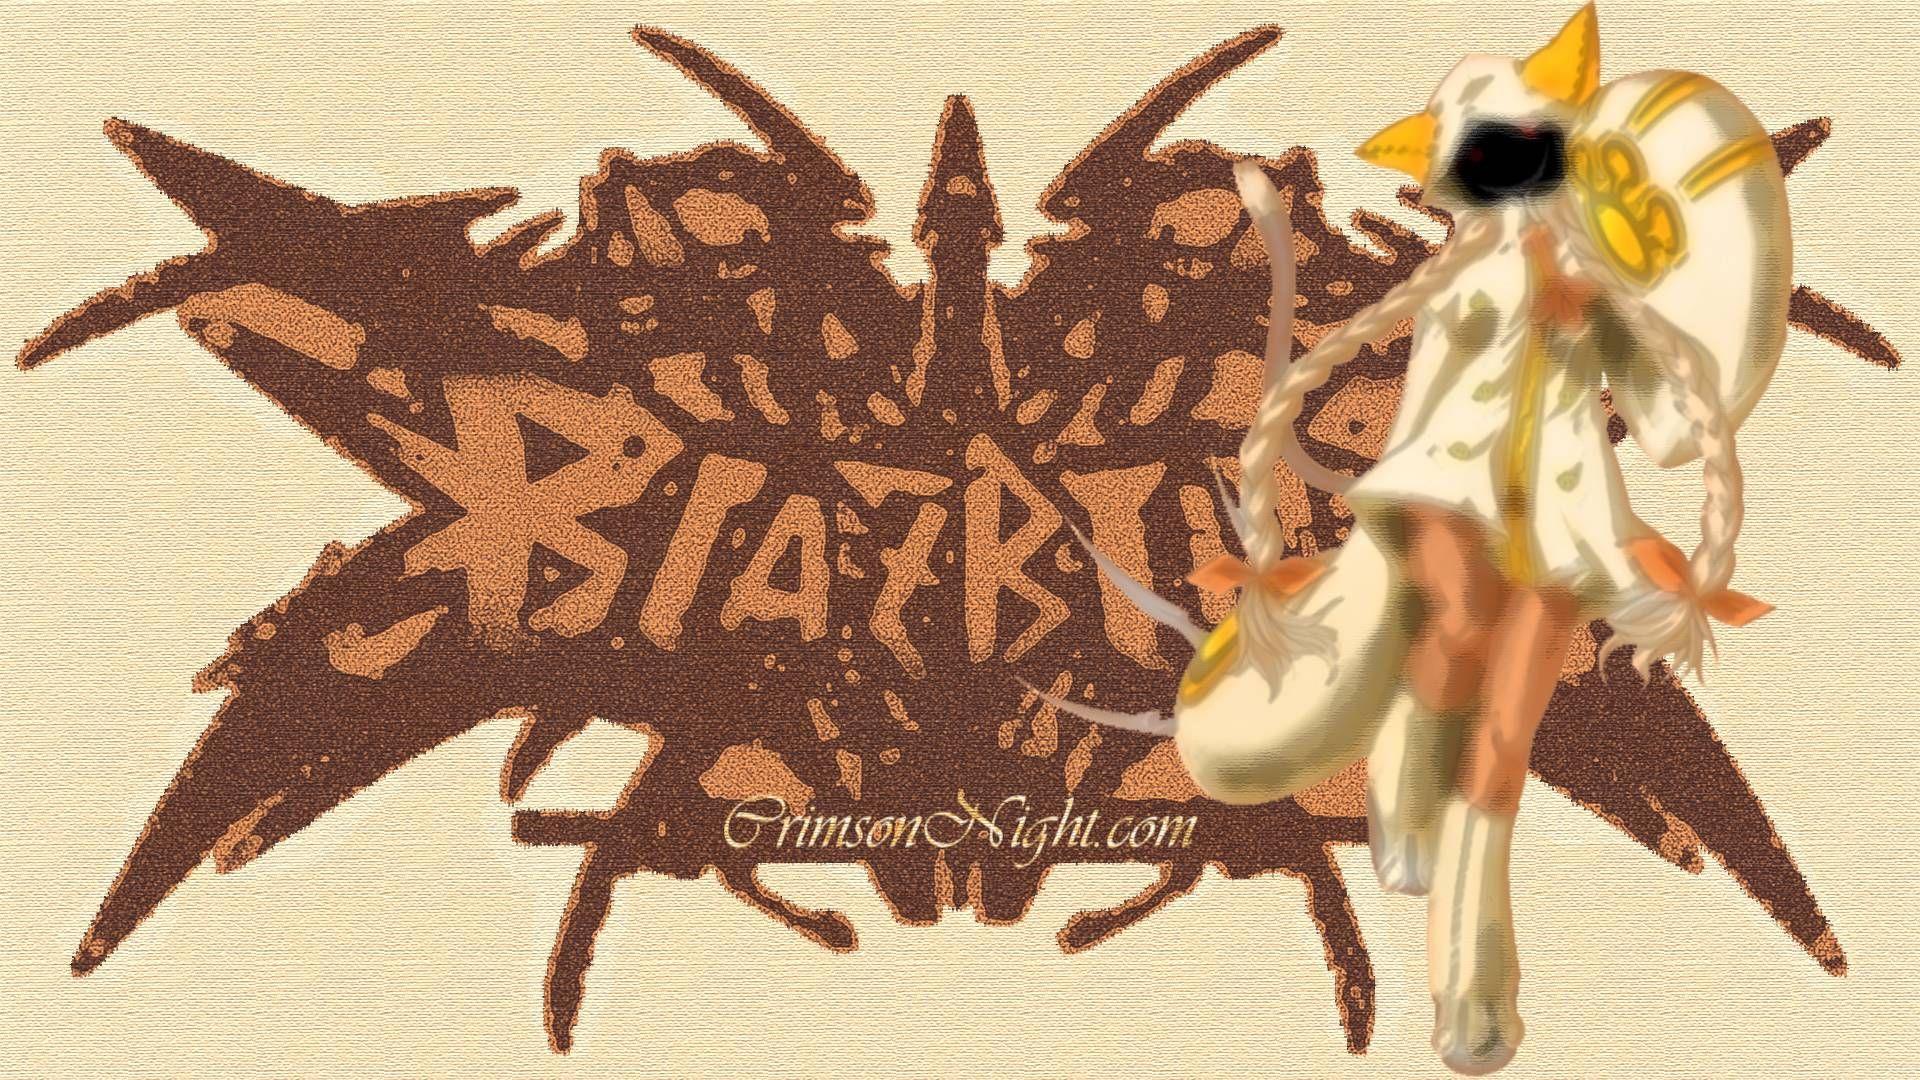 blazblue, rachel alucard, taokaka